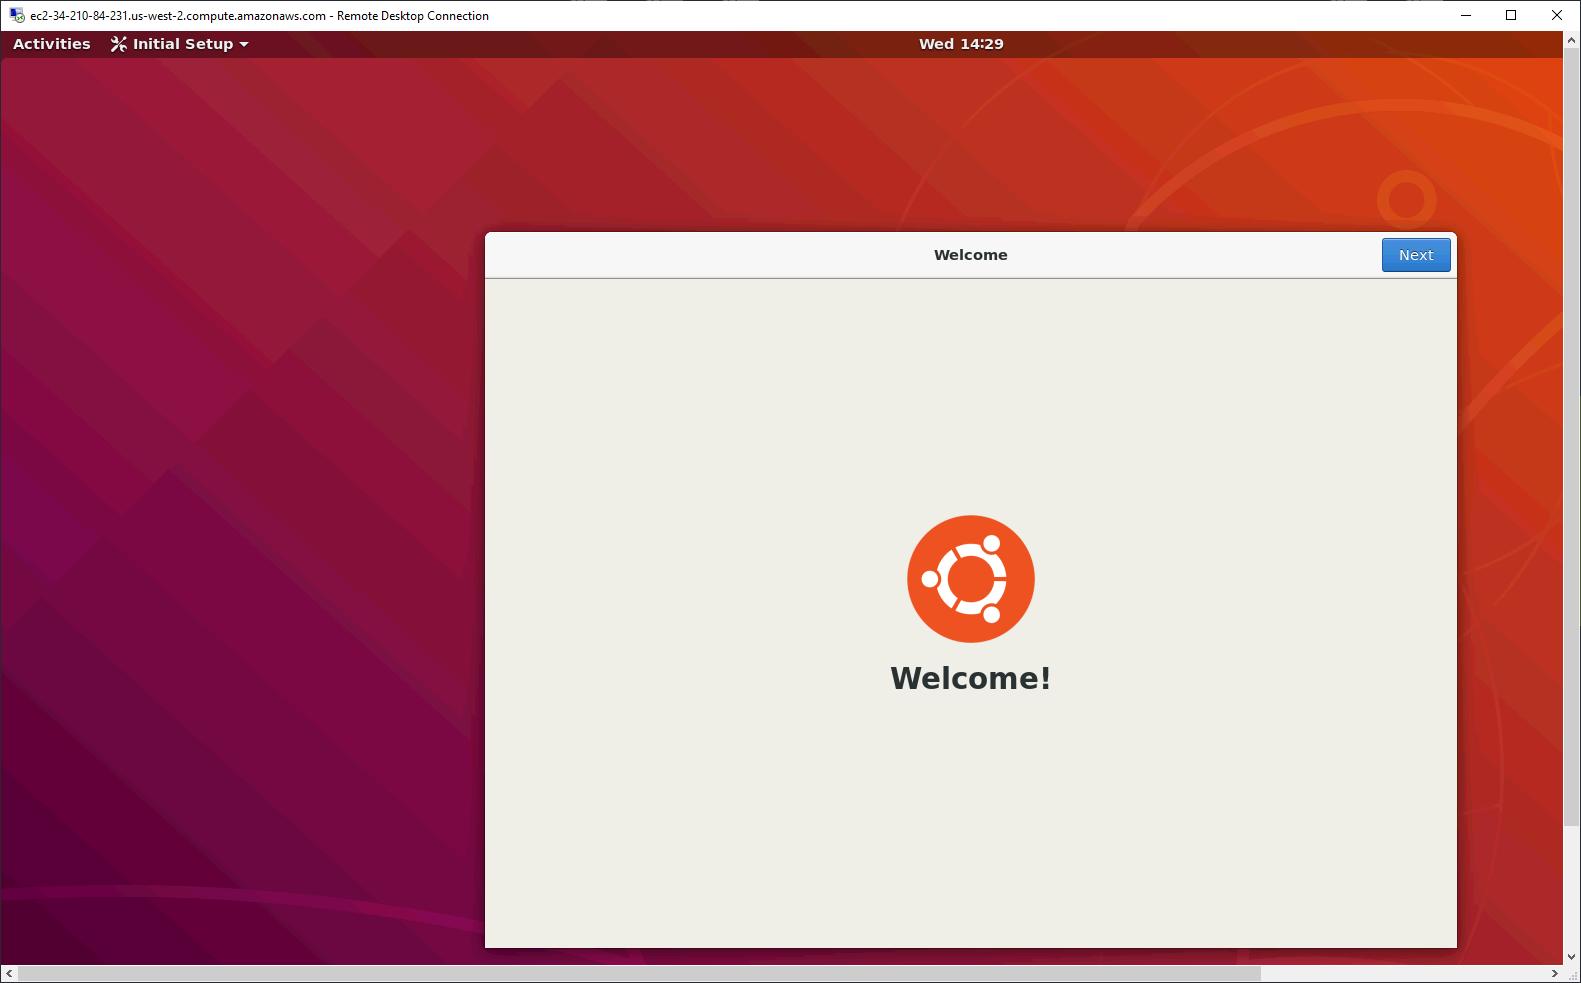 Remote Desktop Connection – Connection to Ubuntu Desktop established